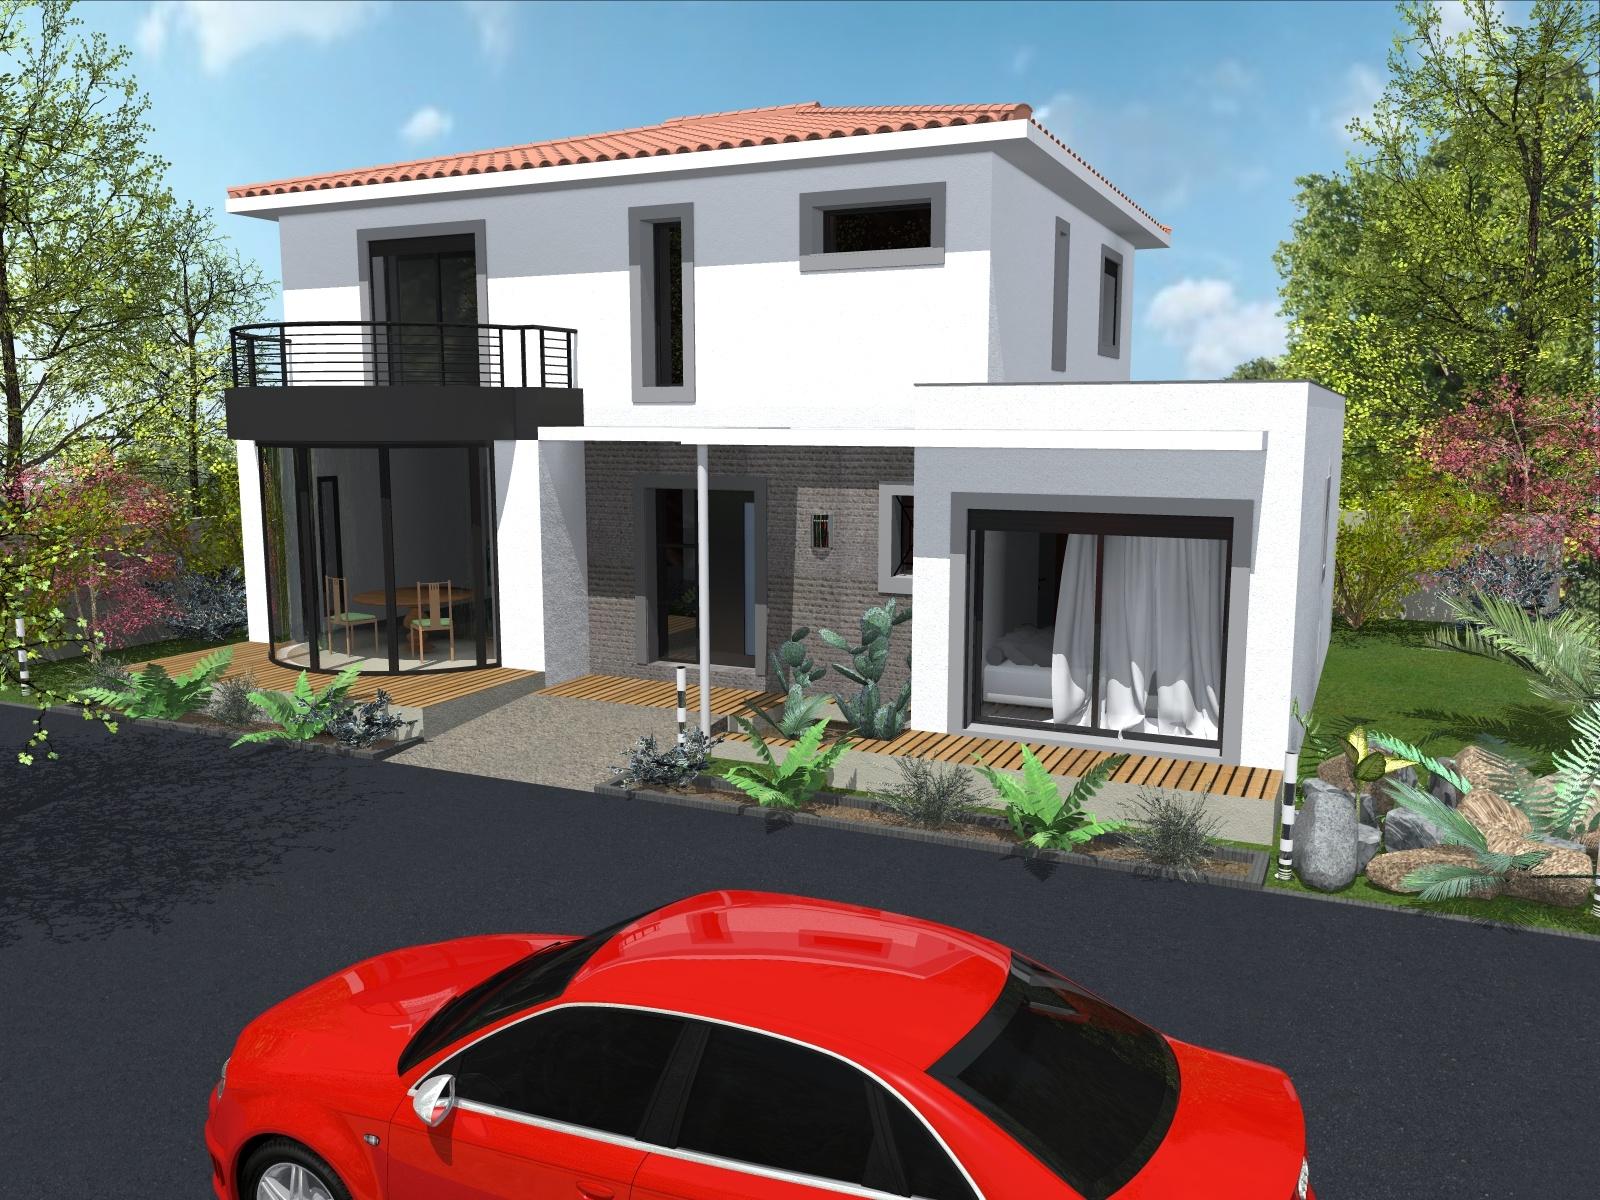 Maisons + Terrains du constructeur ART ET TRADITION MEDITERRANEE • 154 m² • GORDES